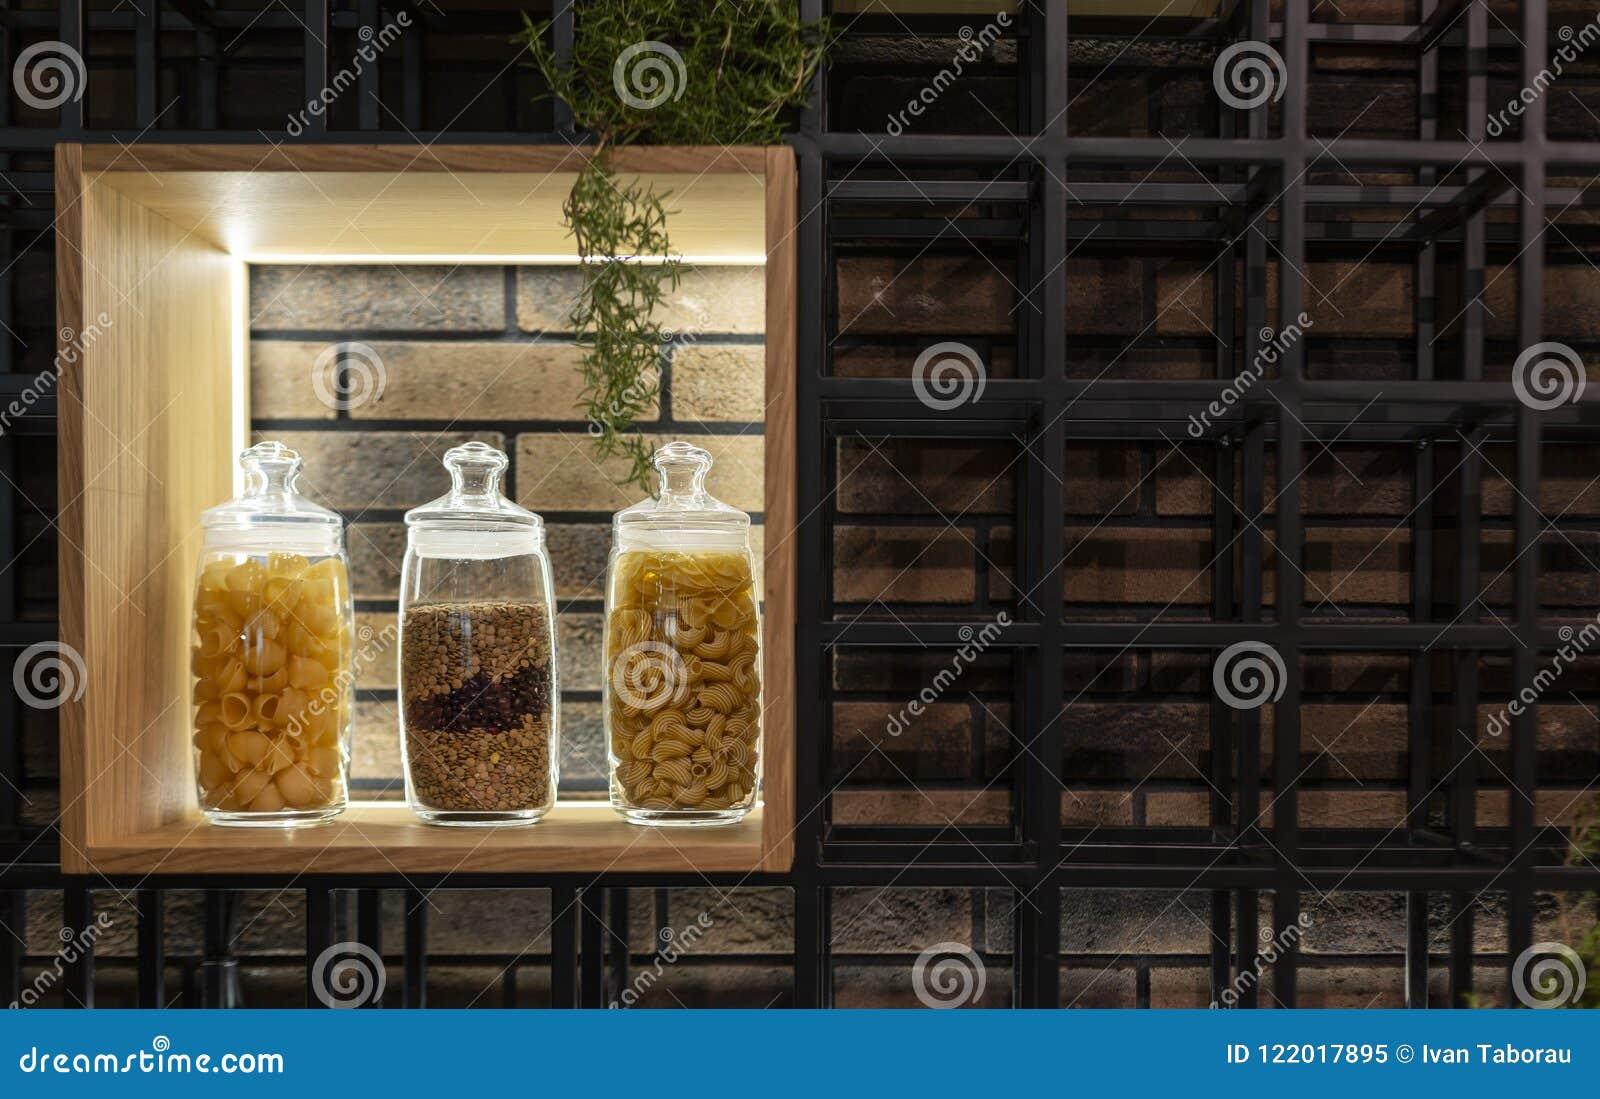 Pastas y espaguetis en un estante en un tarro de cristal en un interior moderno